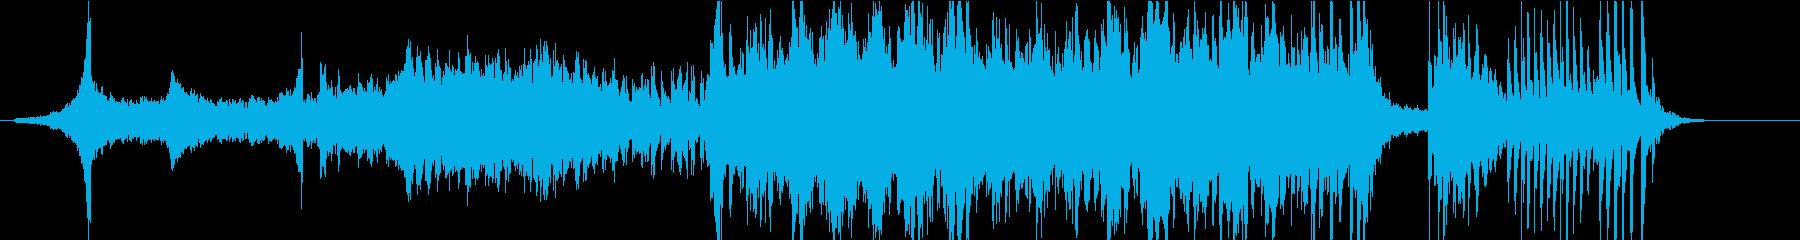 幻想的なシンセとピアノのアンビエント風の再生済みの波形